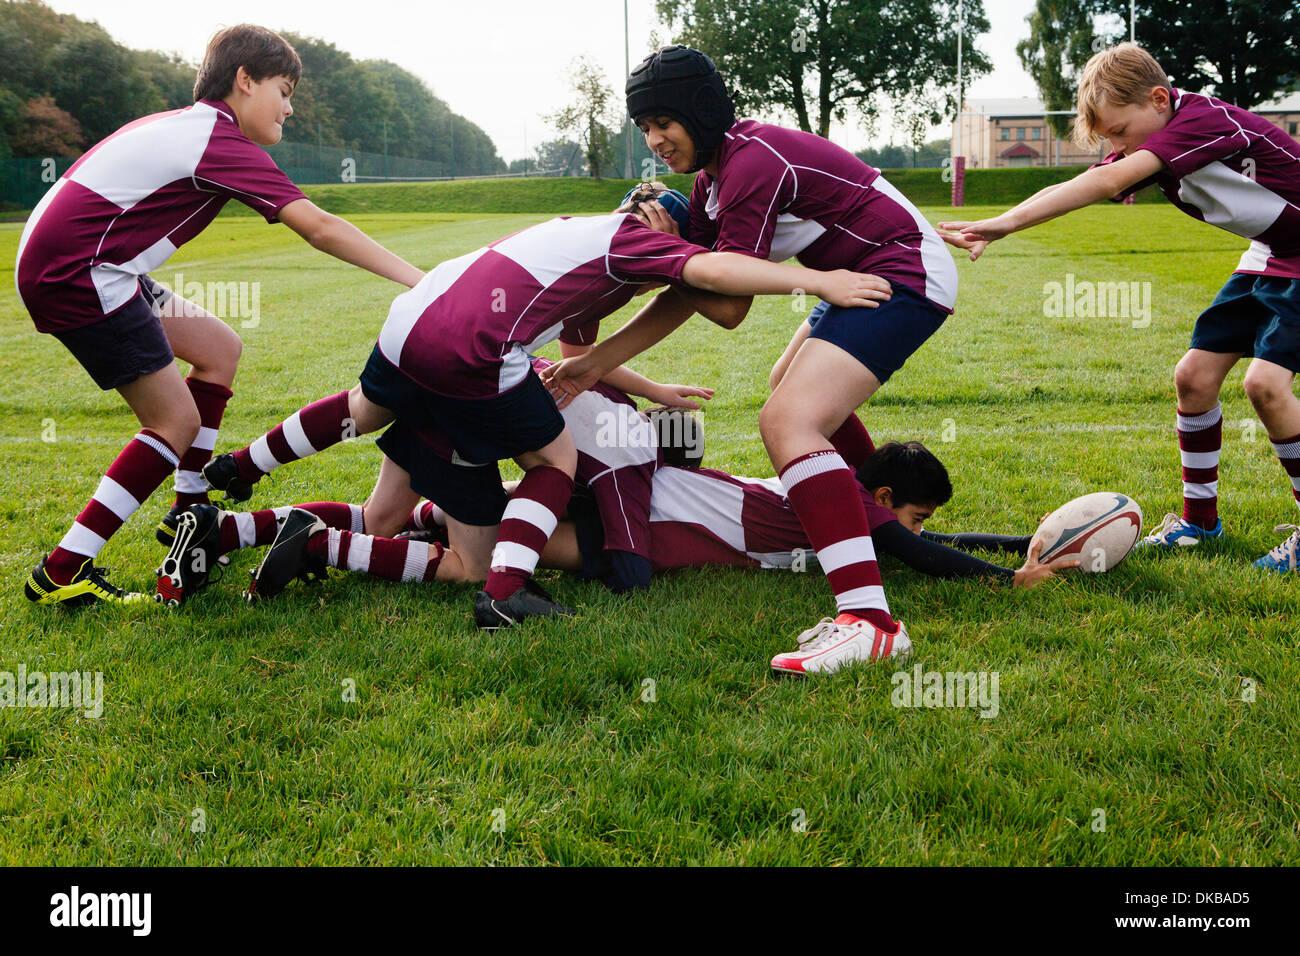 Equipo de rugby colegial adolescentes practicando Imagen De Stock